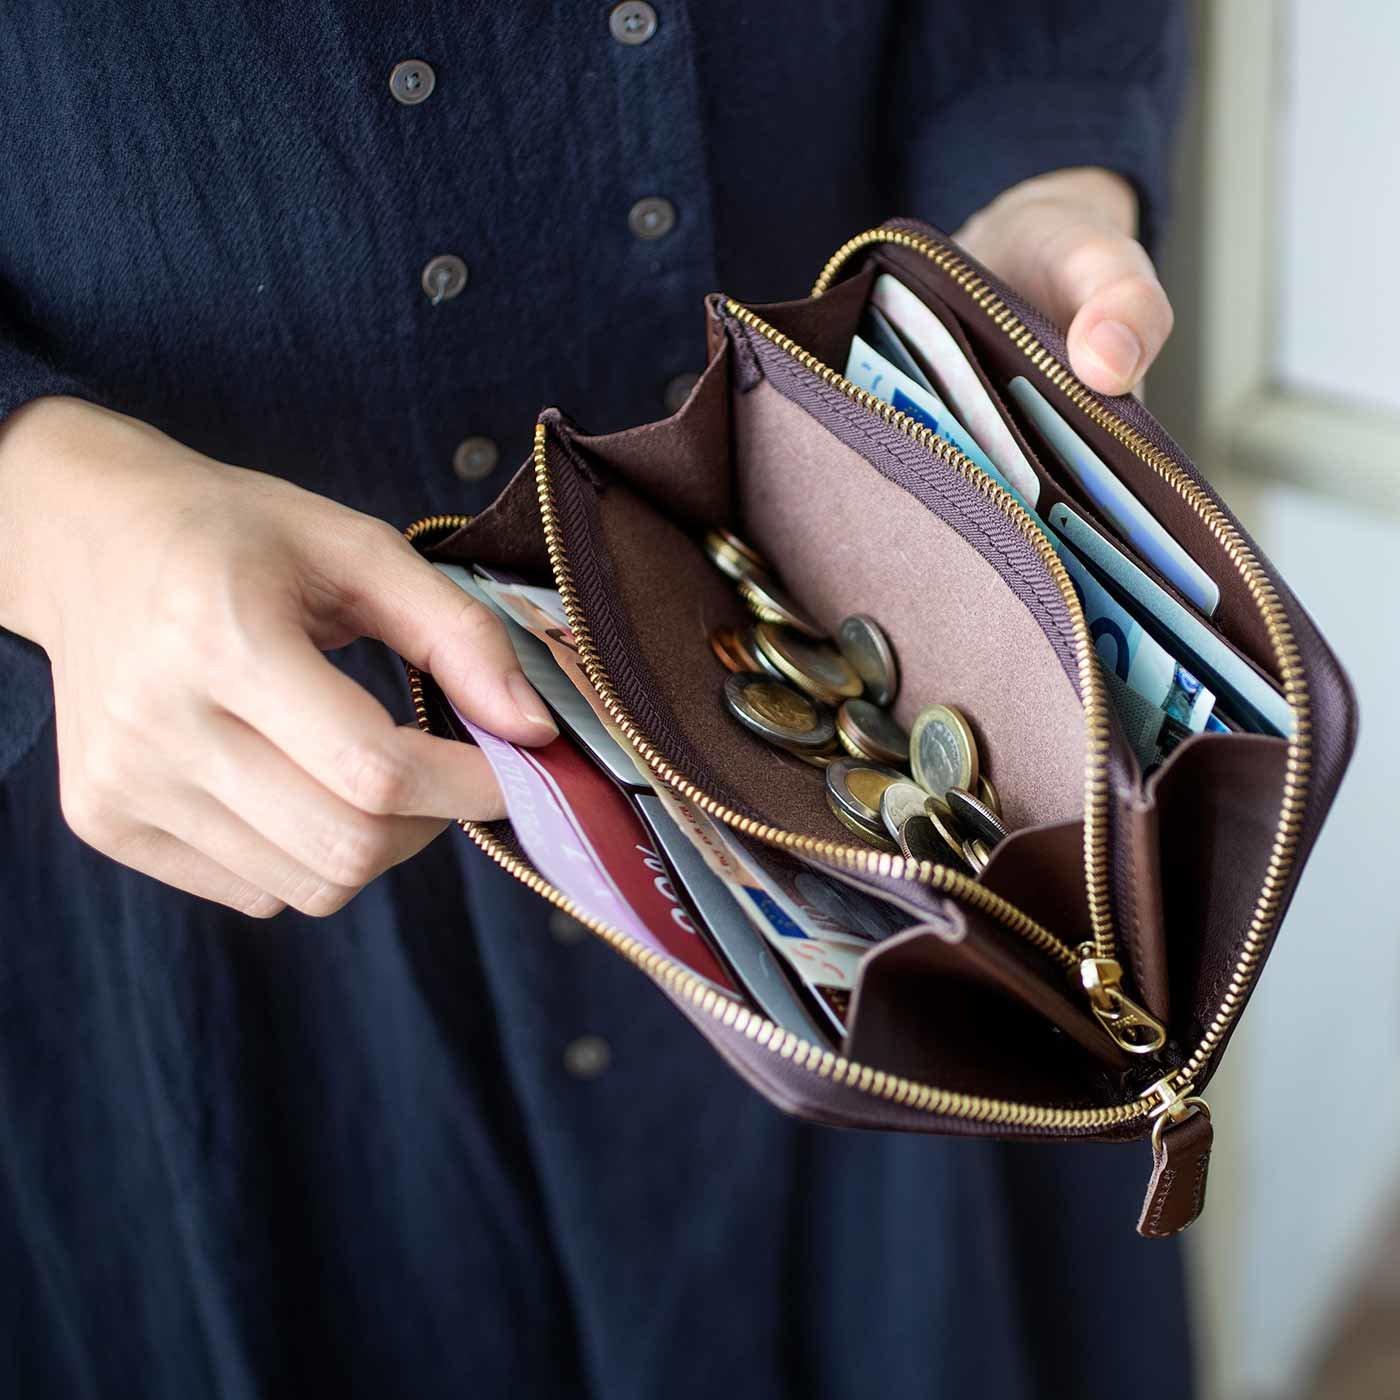 鞄(かばん)作家と作った 本革ラウンドジップ長財布〈ダークブラウン〉[本革 財布:日本製]